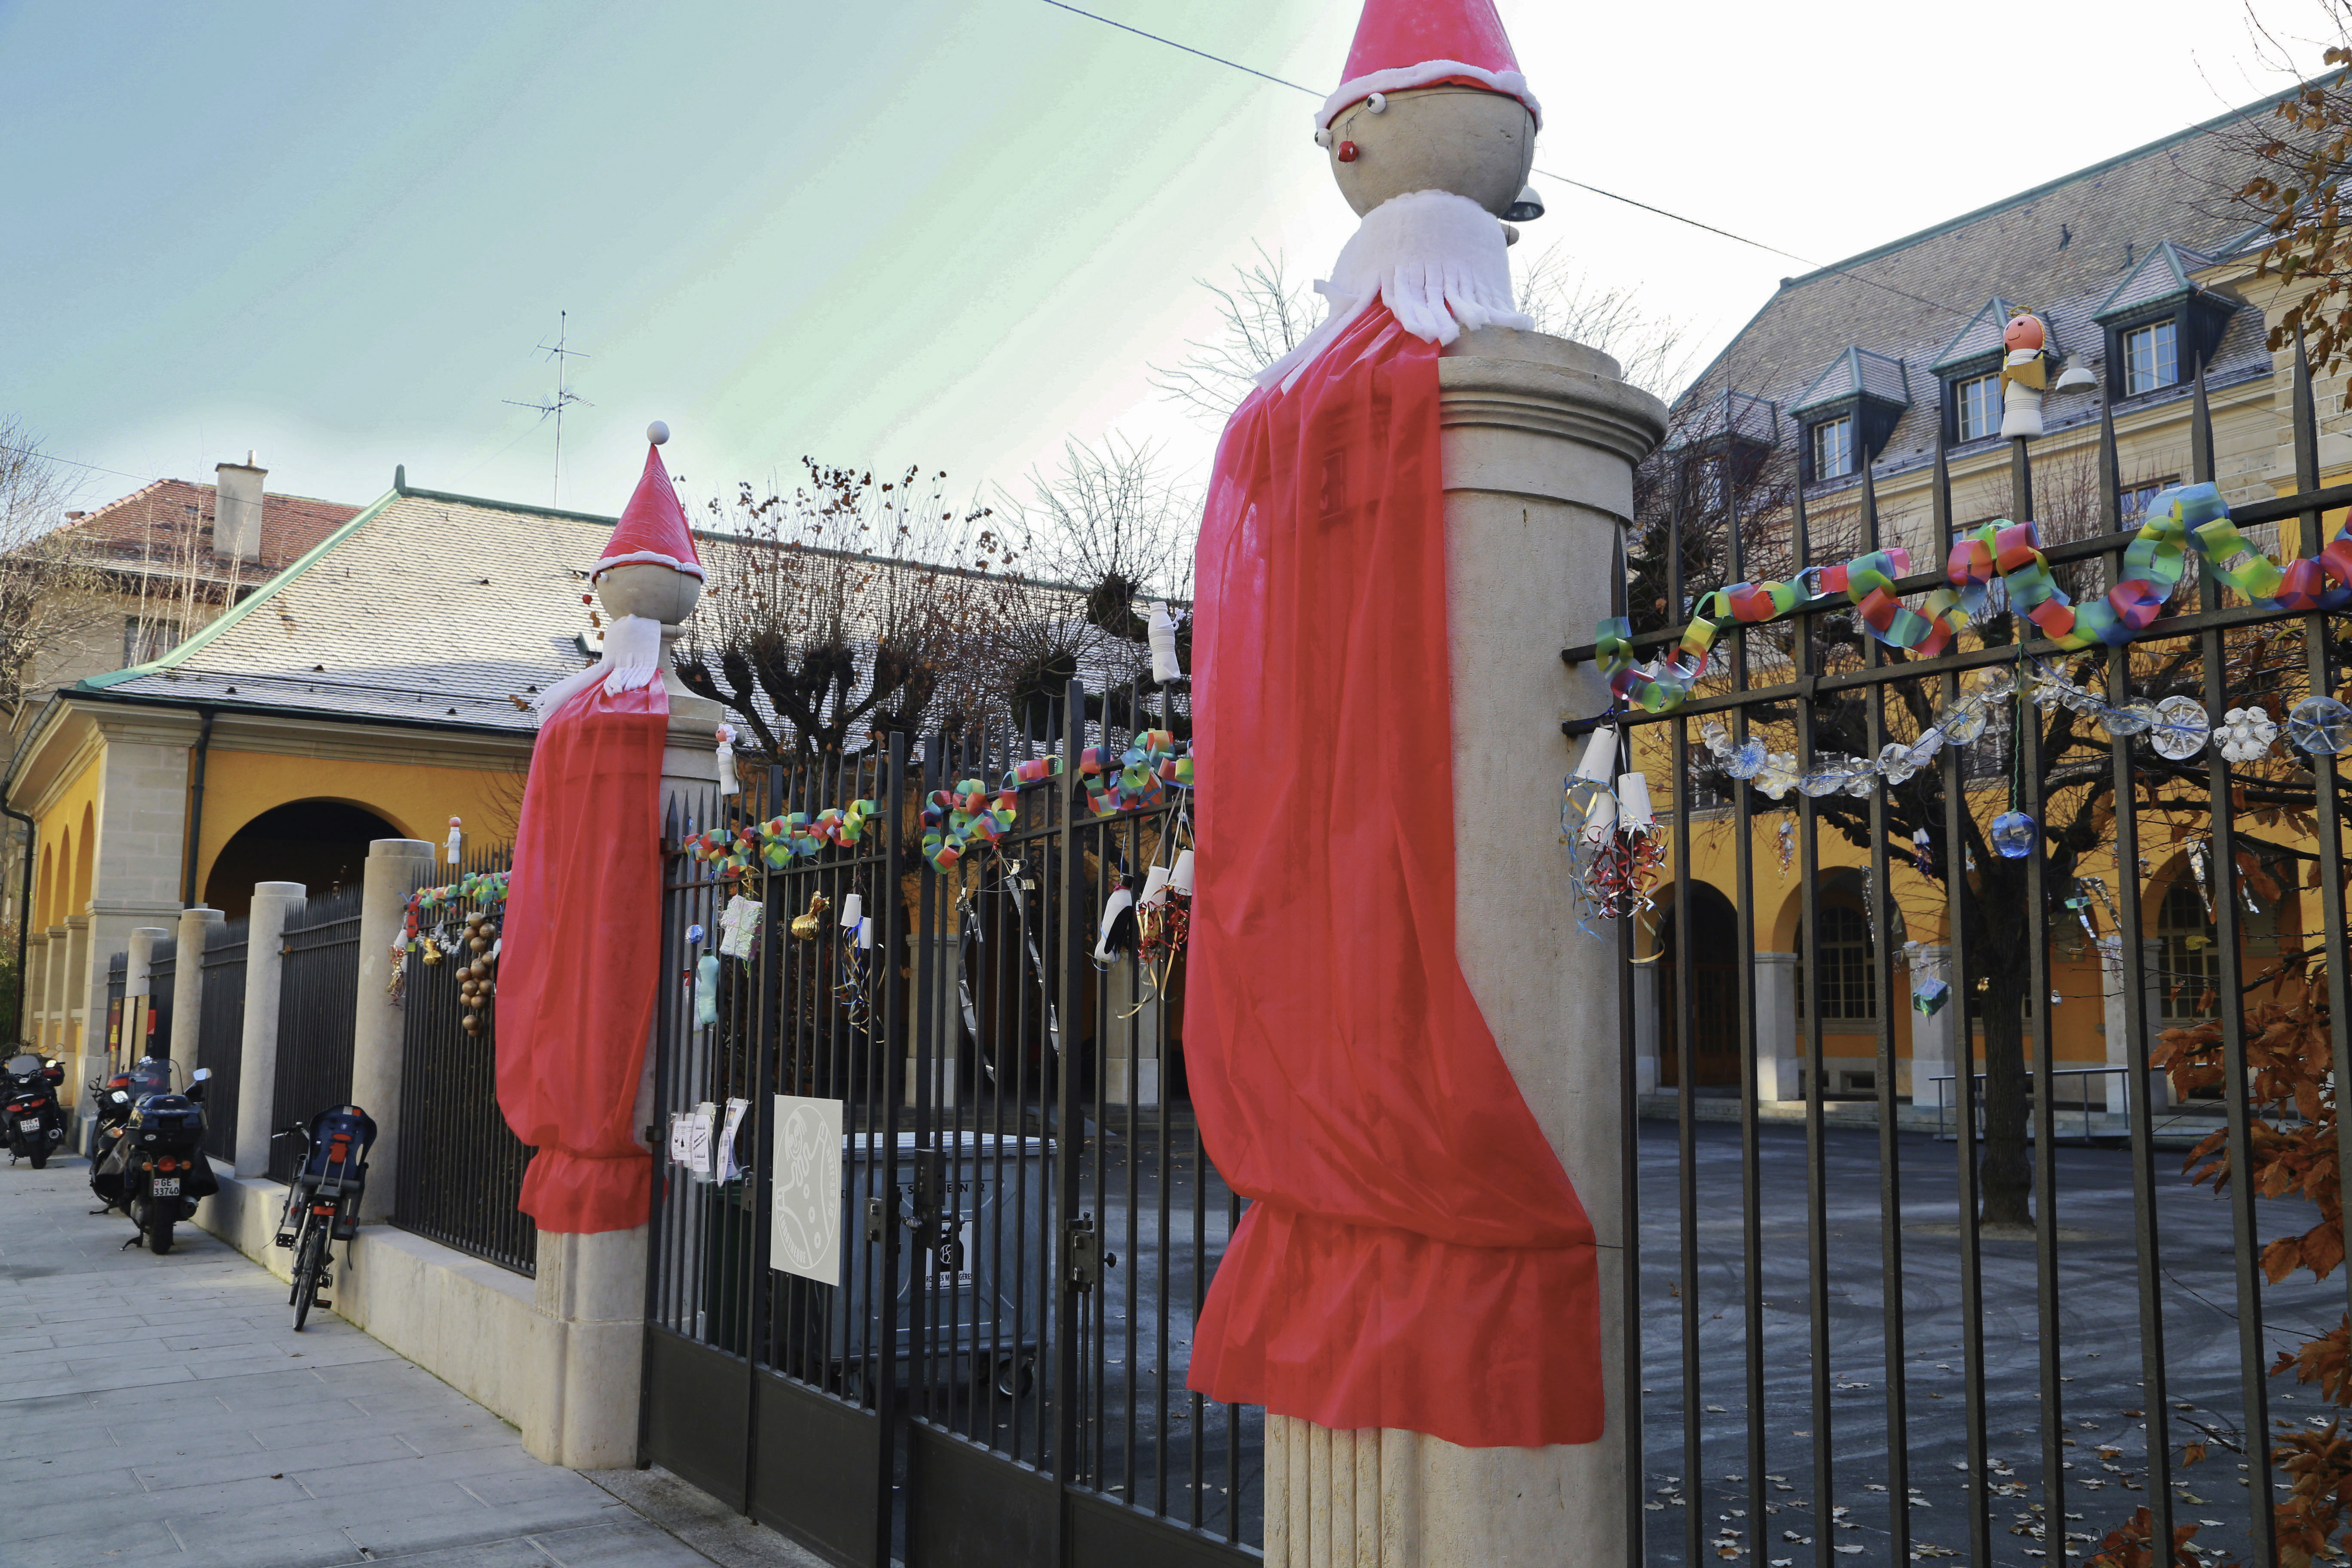 #8C3931 Envoyez Nous Vos Photos De Décorations De Noël Signé Genève 5435 decorations de noel geneve 5472x3648 px @ aertt.com